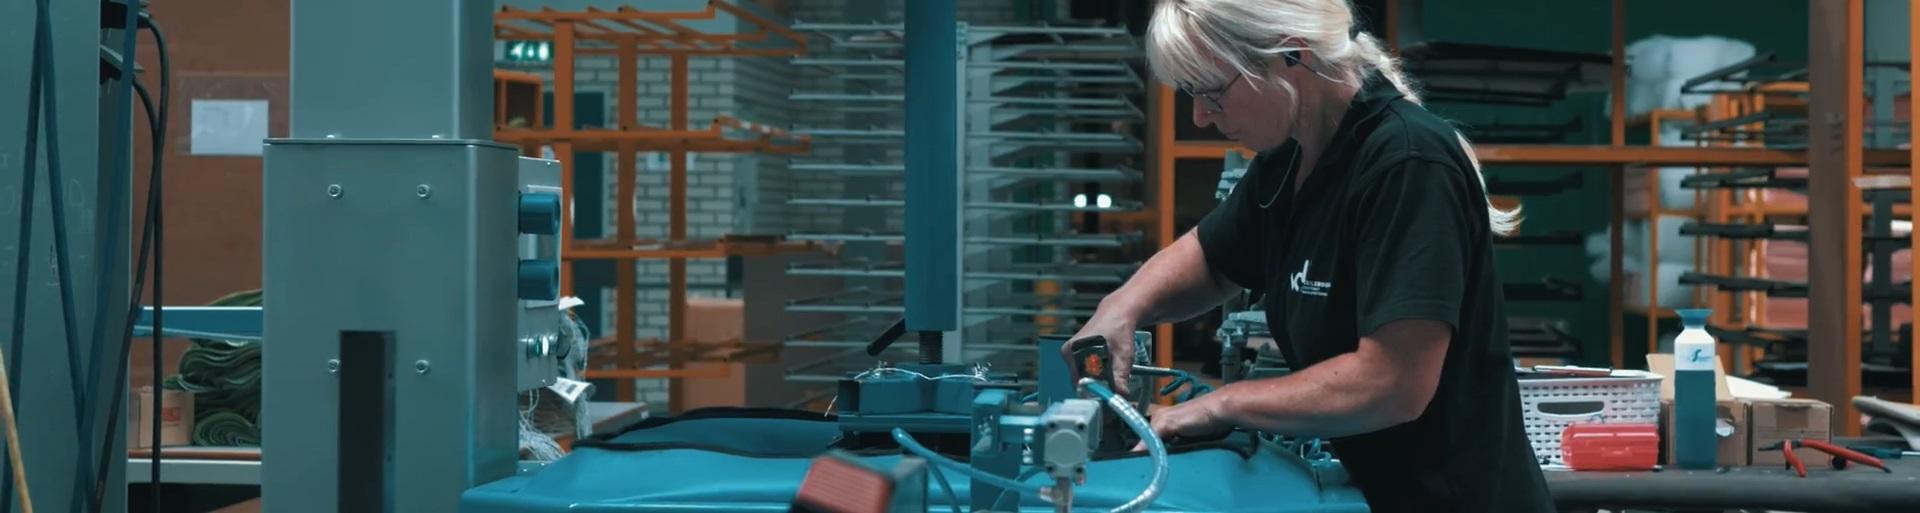 Automatisering en ketenintegratie staan hoog op de agenda bij VDS Manufacturing